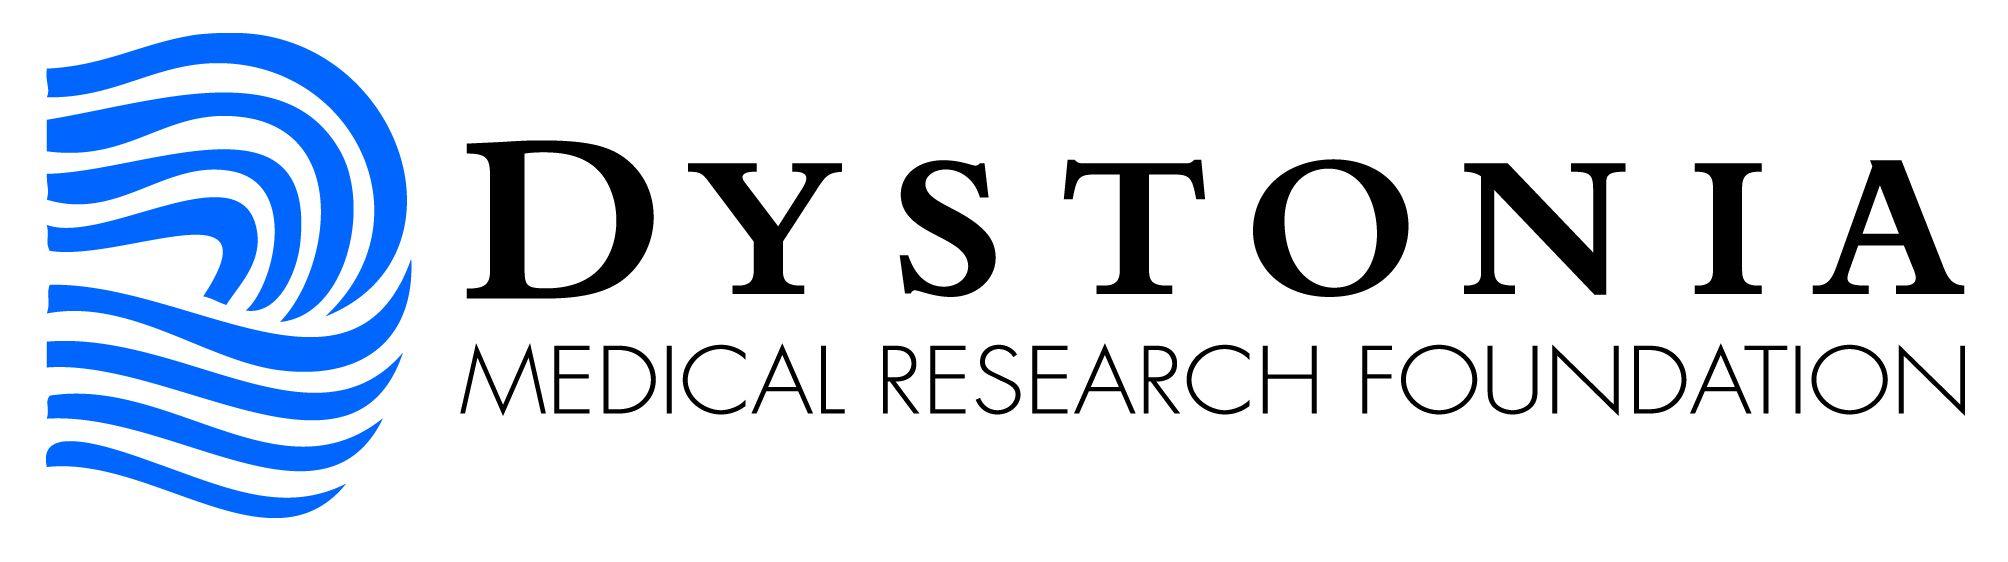 dystonia Logo